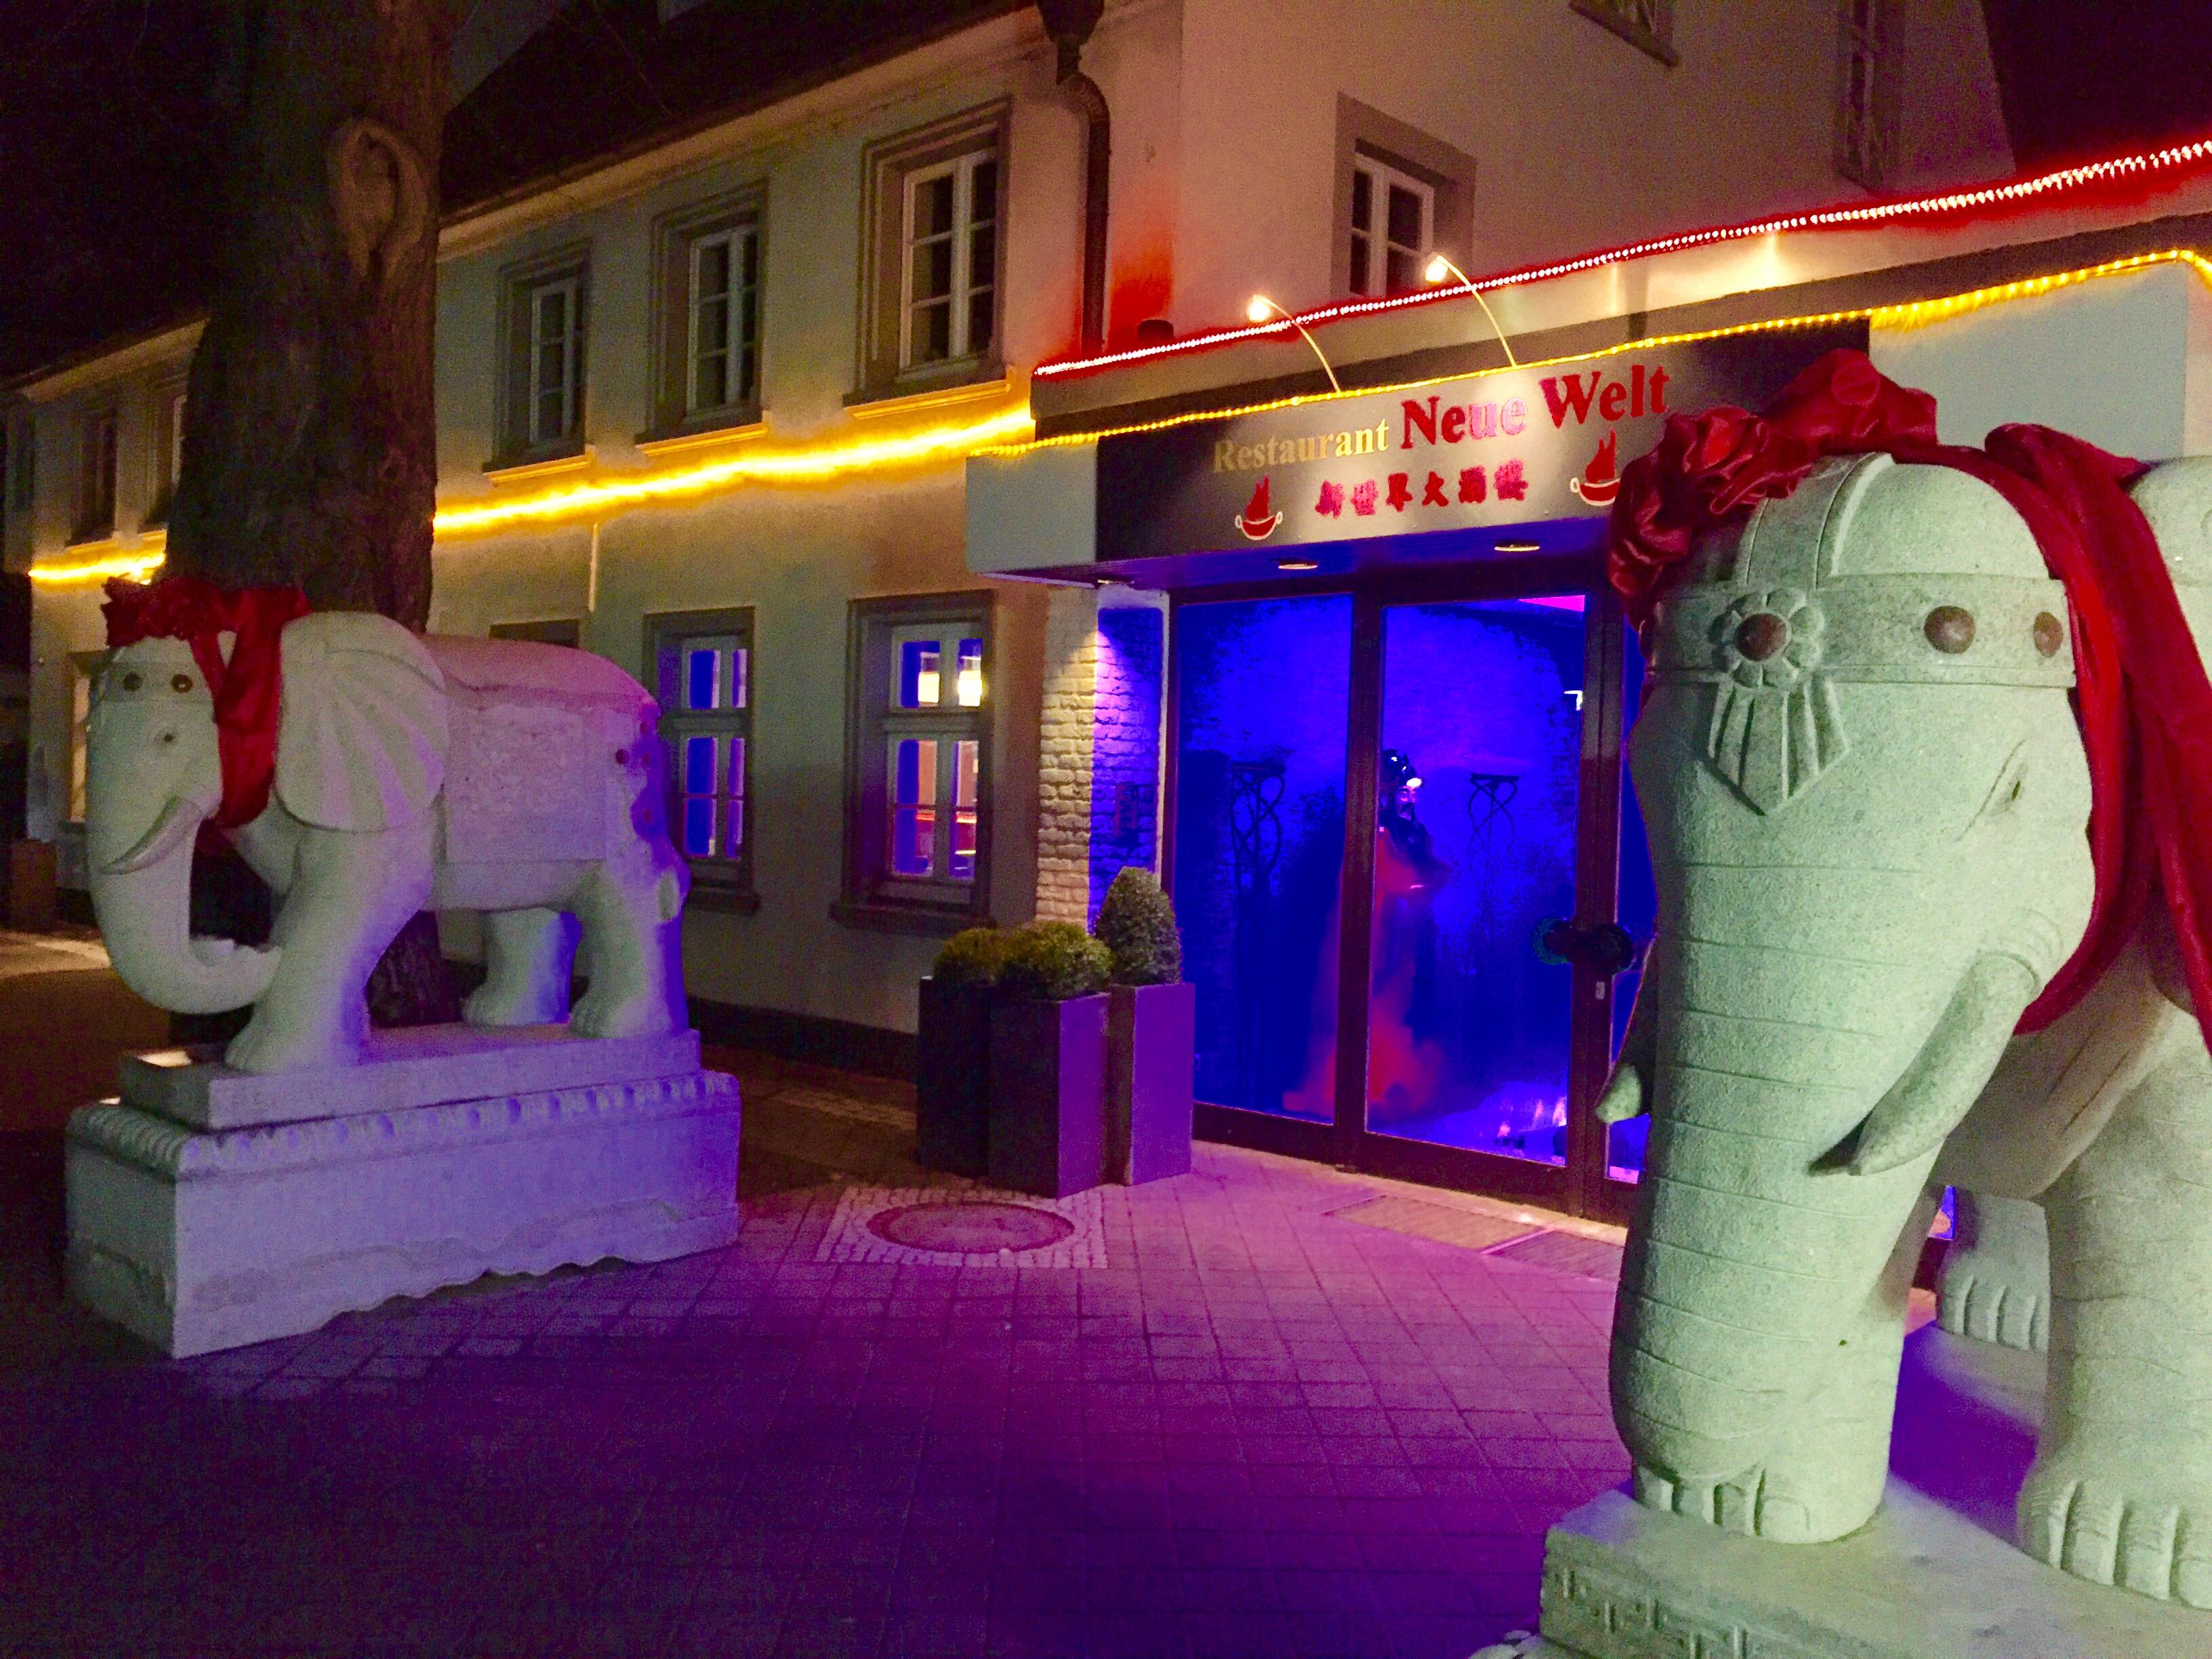 Chinarestuarant Neue Welt in Bad Waldliesborn - Hotel Pension & Appartement Haus Stallmeister